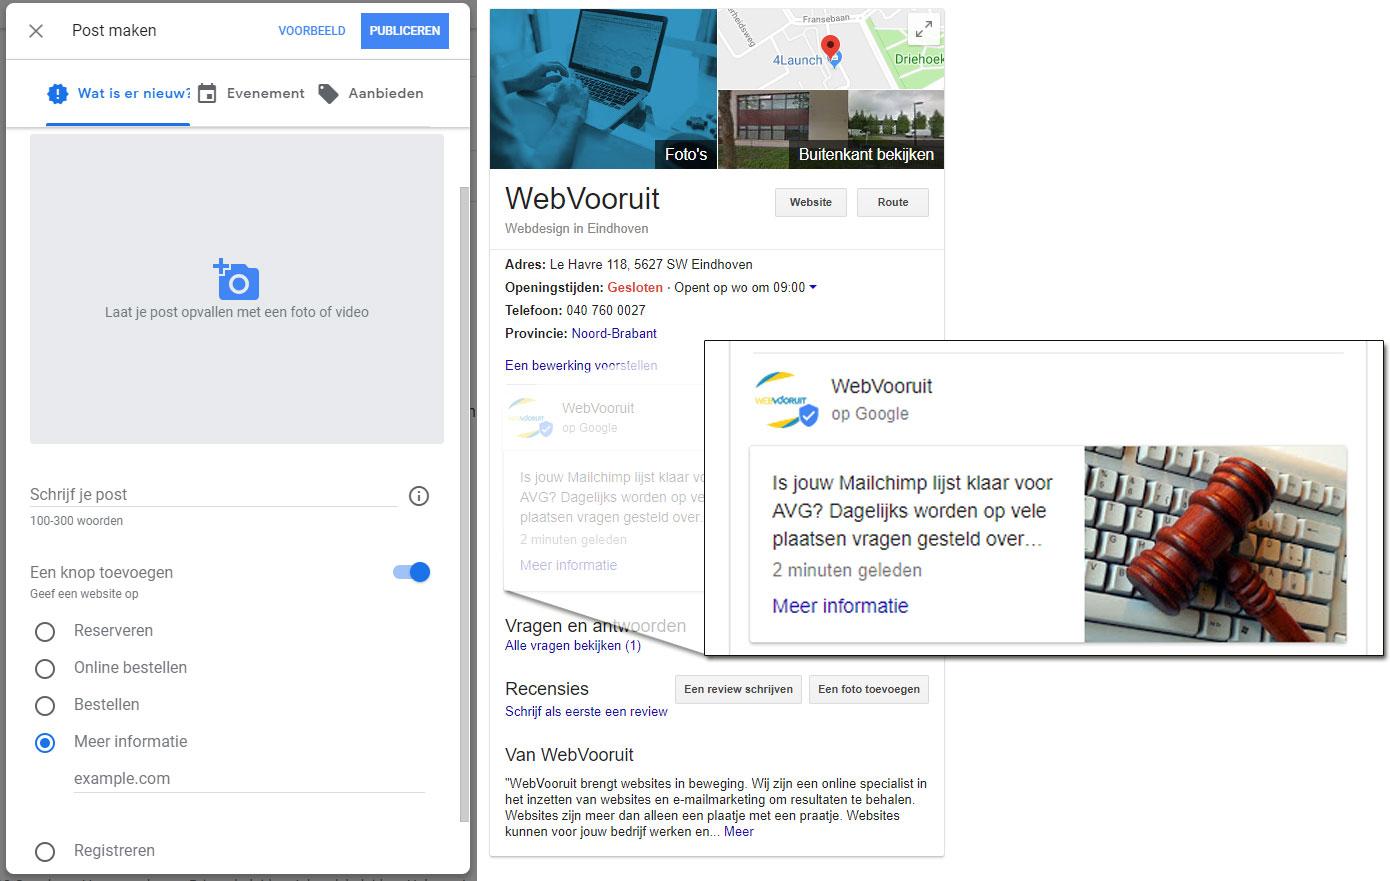 Post maken in Google Mijn Bedrijf